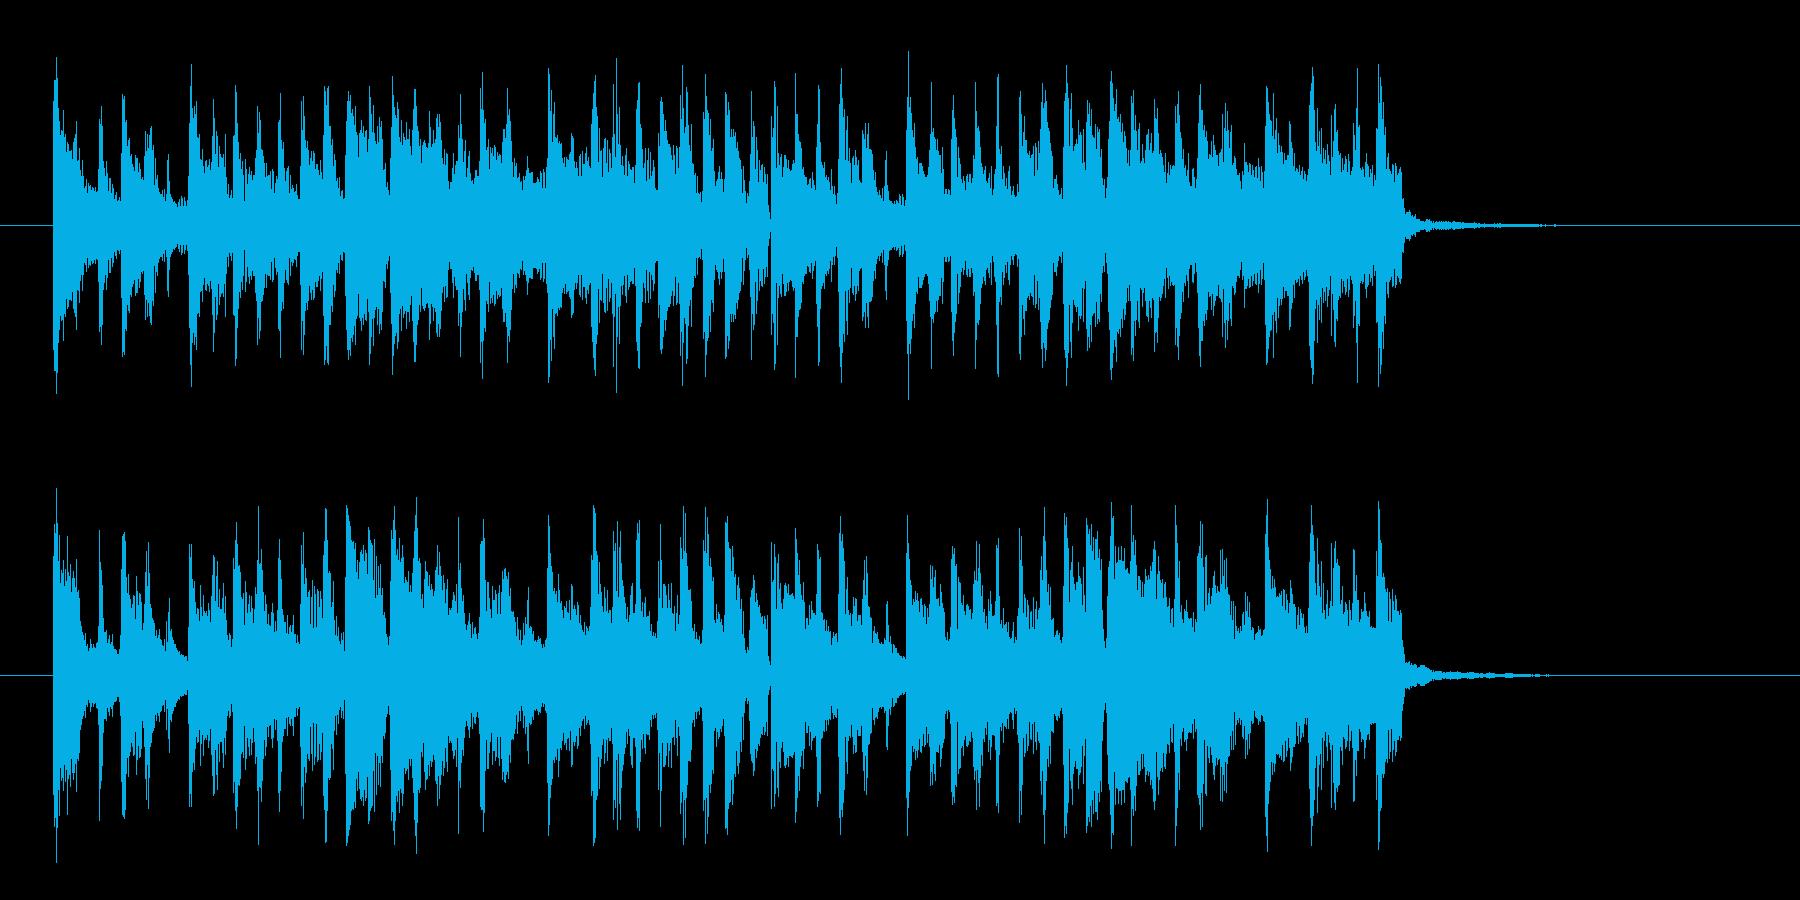 コミカルおしゃれなシンセサイザーサウンドの再生済みの波形